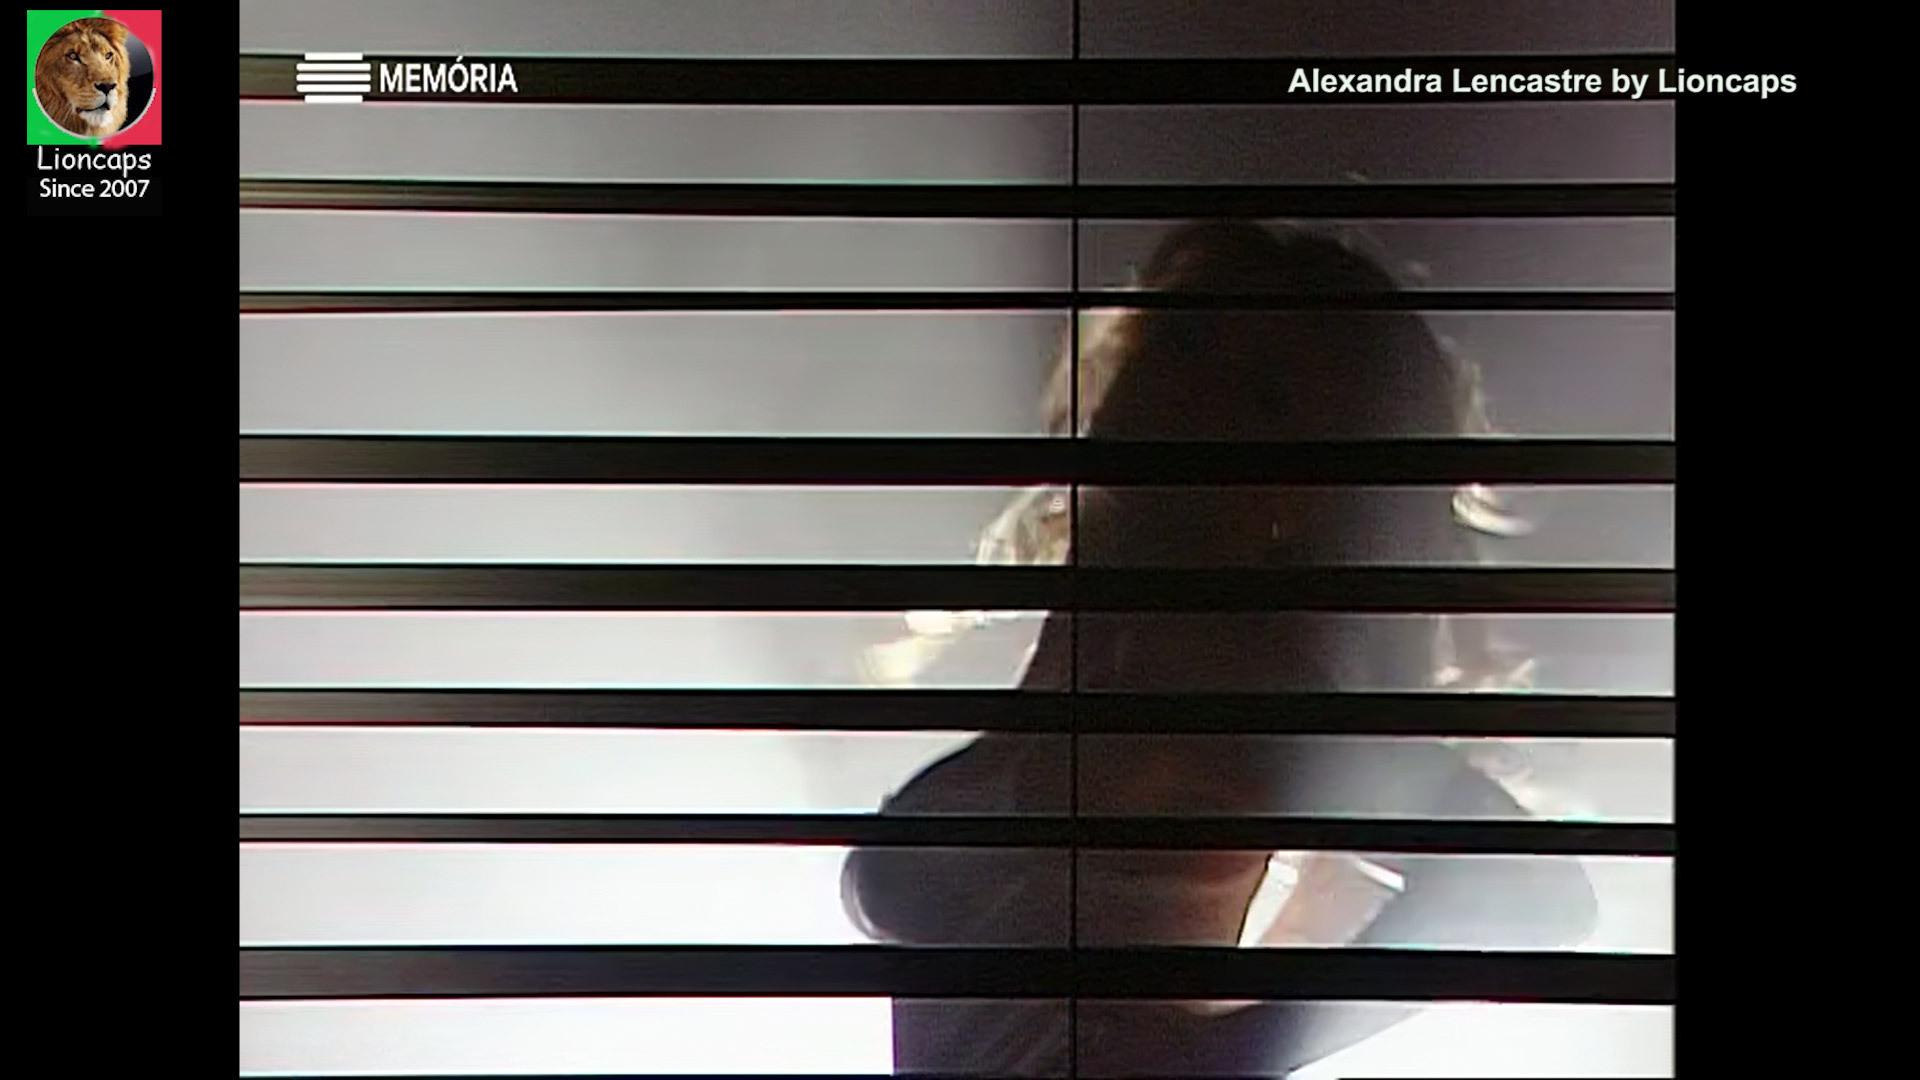 alexandra_lencastre_nao_es_homem_lioncaps_31_08_2021_02 (11).jpg